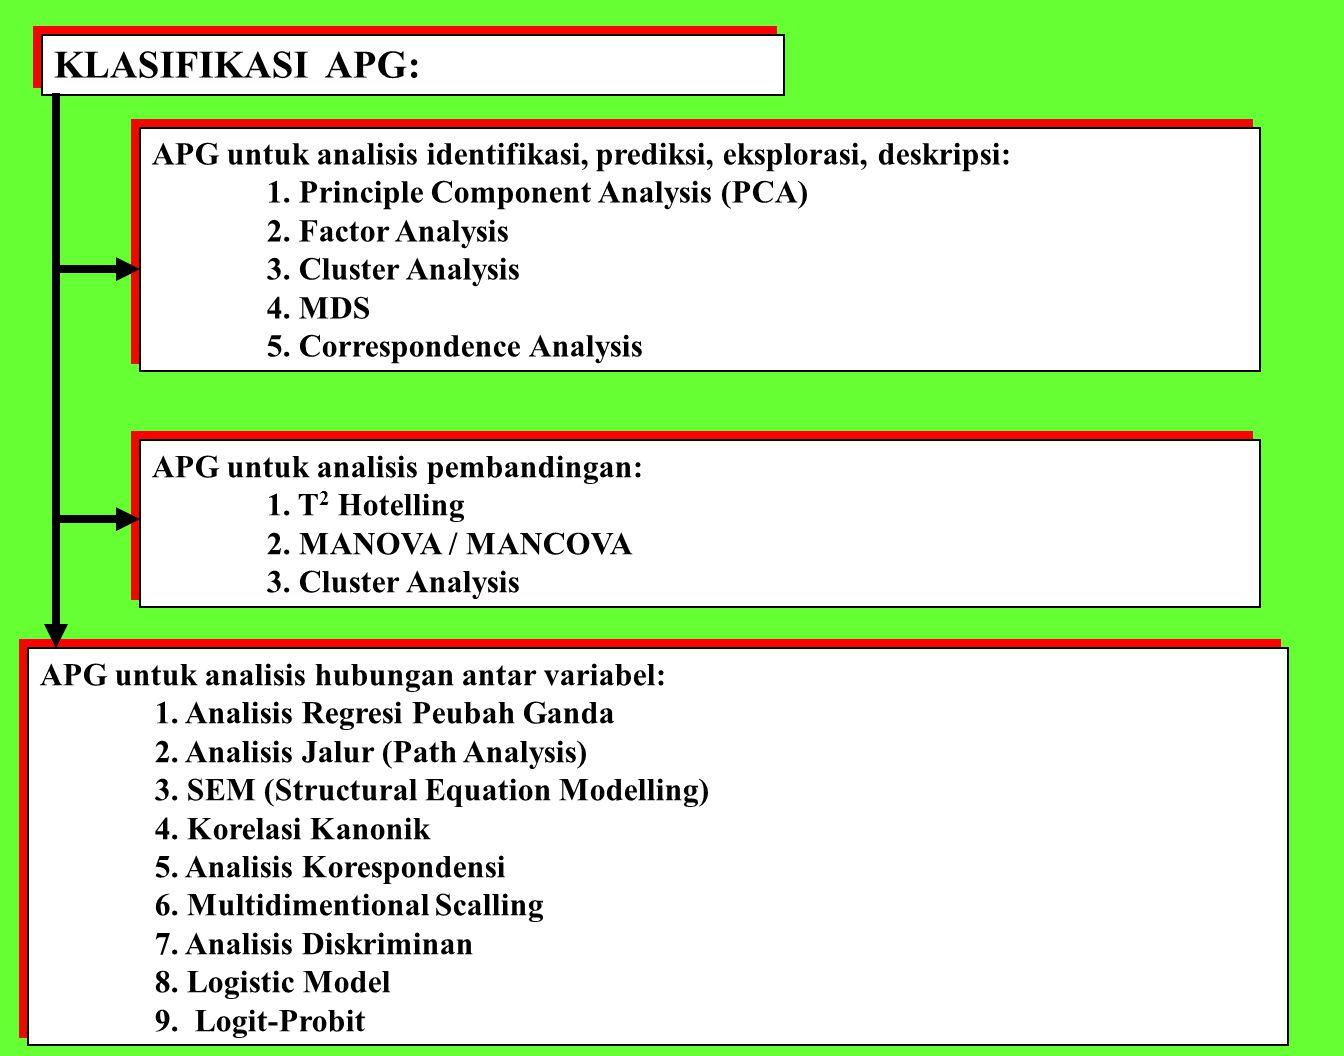 KLASIFIKASI APG: berdasarkan Pola Ketergantungannya APG untuk analisis Dependensi Satu kelompok variabel dipengaruhi (atau bergantung, atau mempengaruhi) kelompok variabel lainnya.